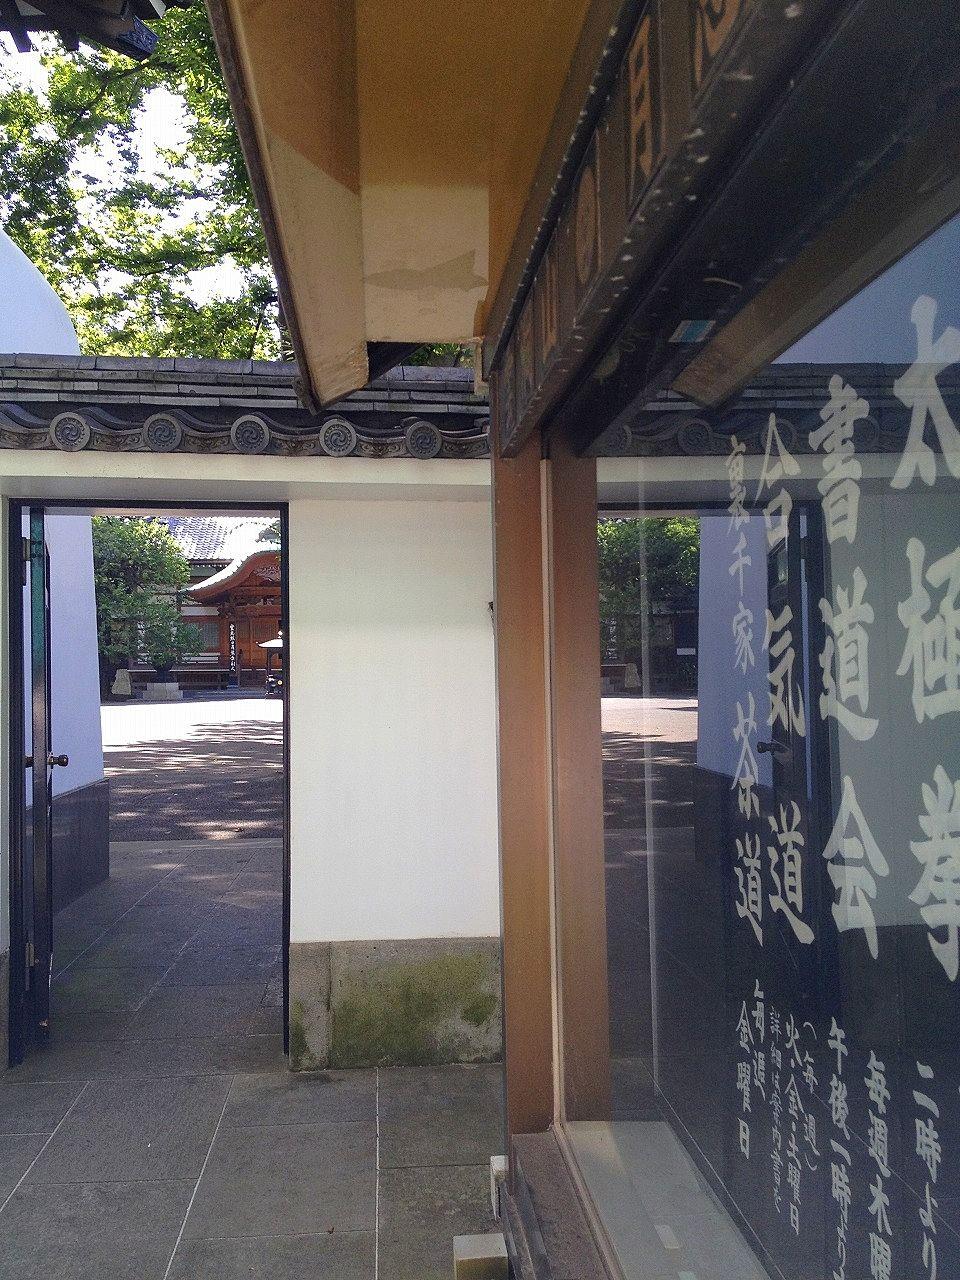 月窓寺では座禅会、華道、茶道、合気道も行われています